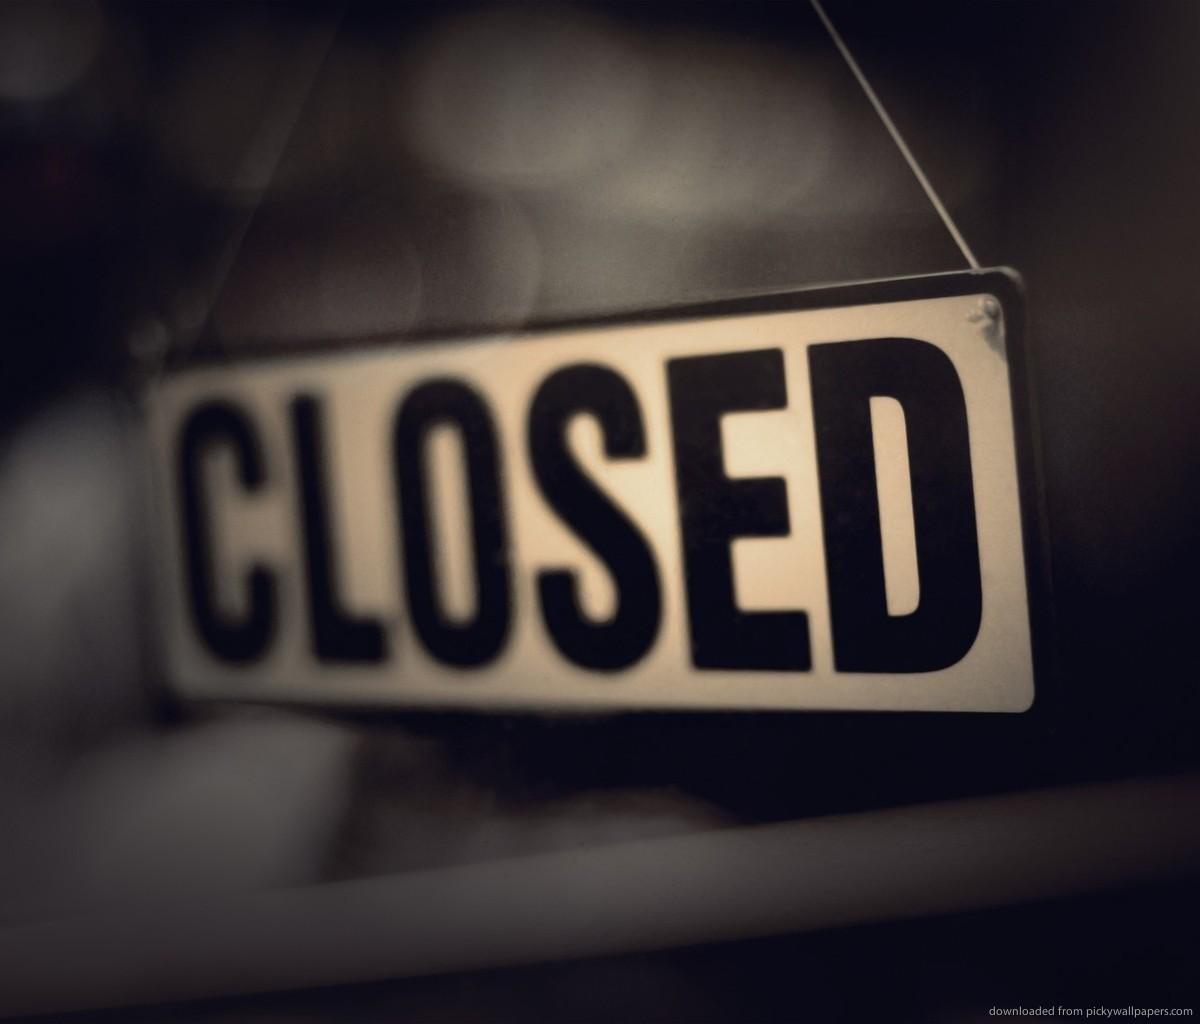 El 85% de las tiendas online cierra antes de 2 años